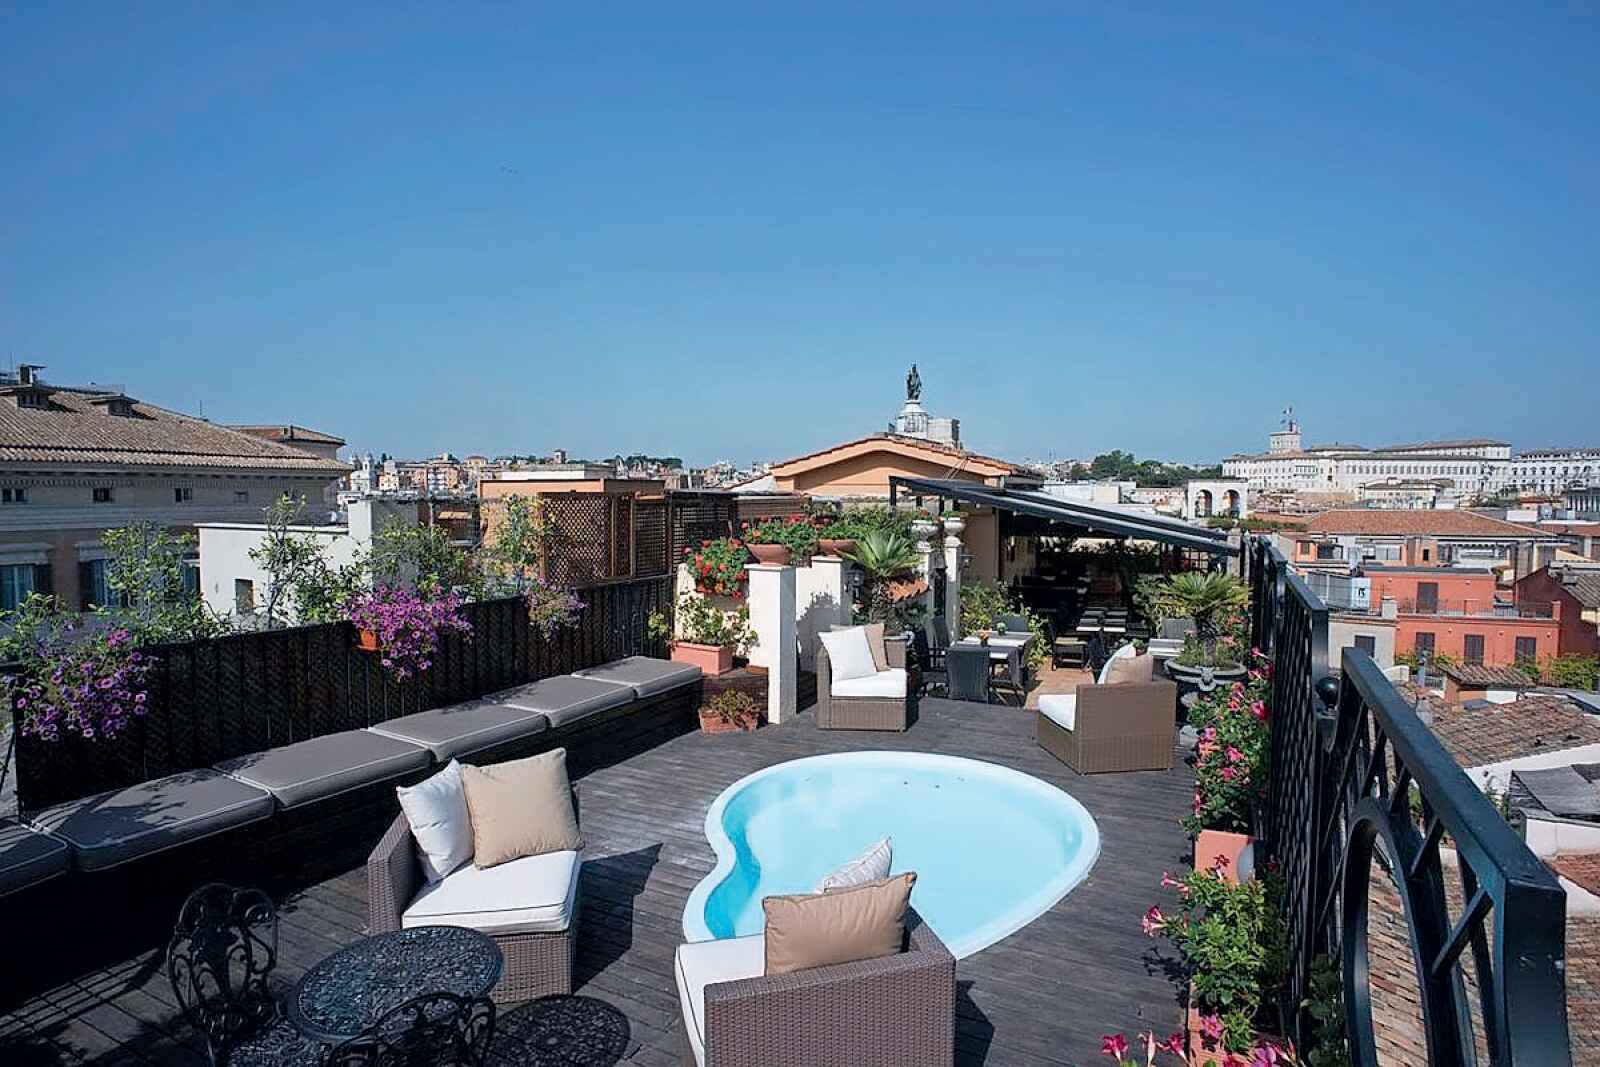 Séjour Italie - Colonna Palace - 4*